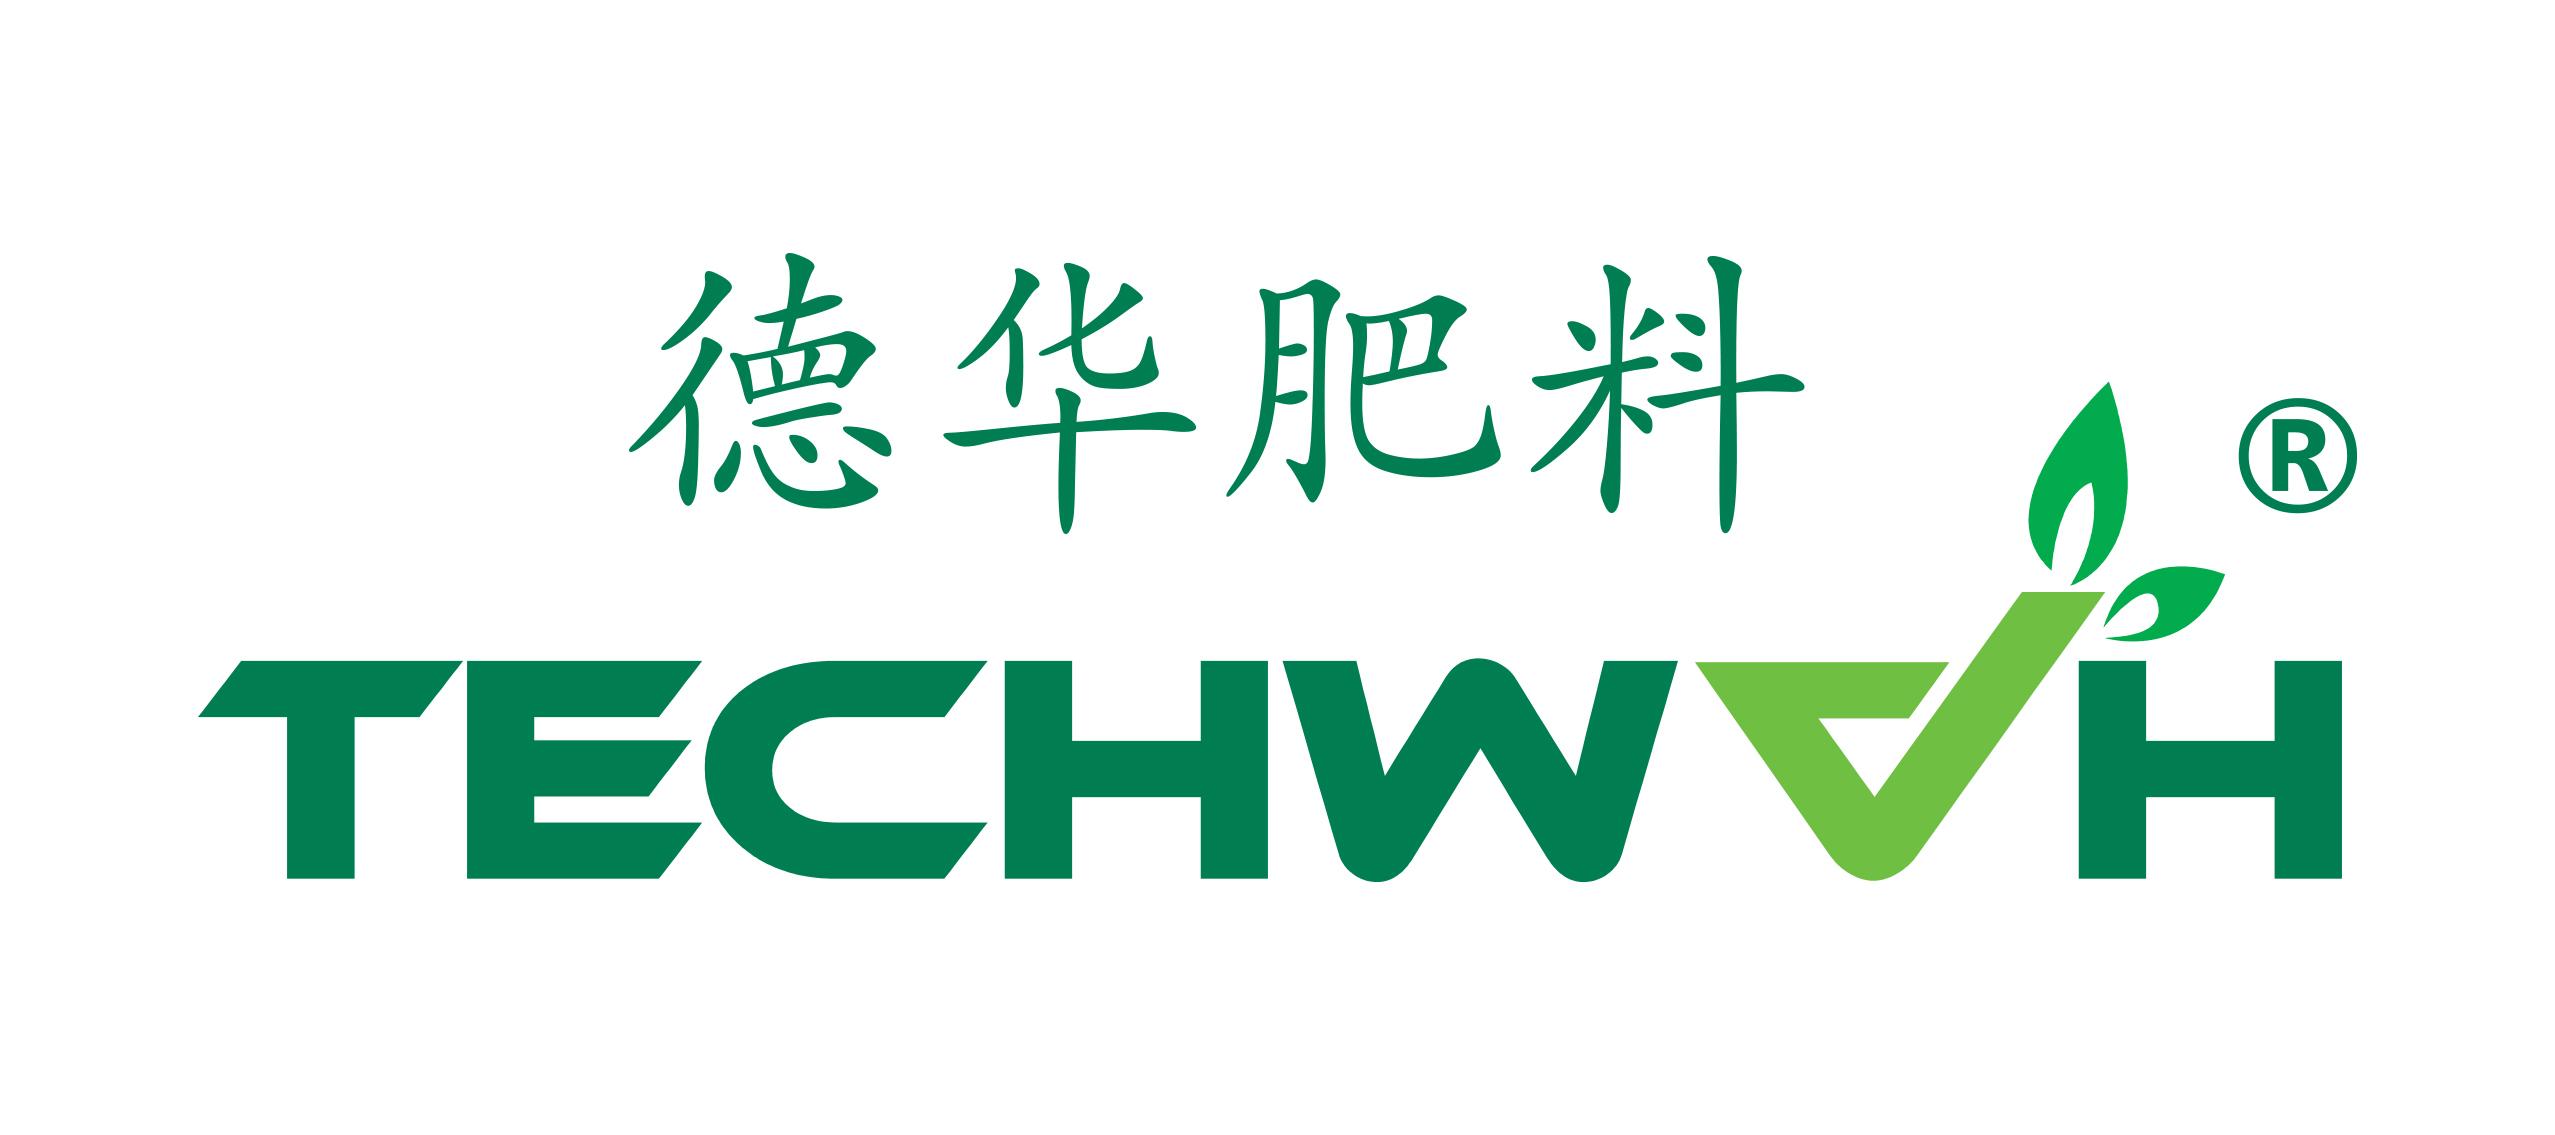 深圳市德華肥料有限公司